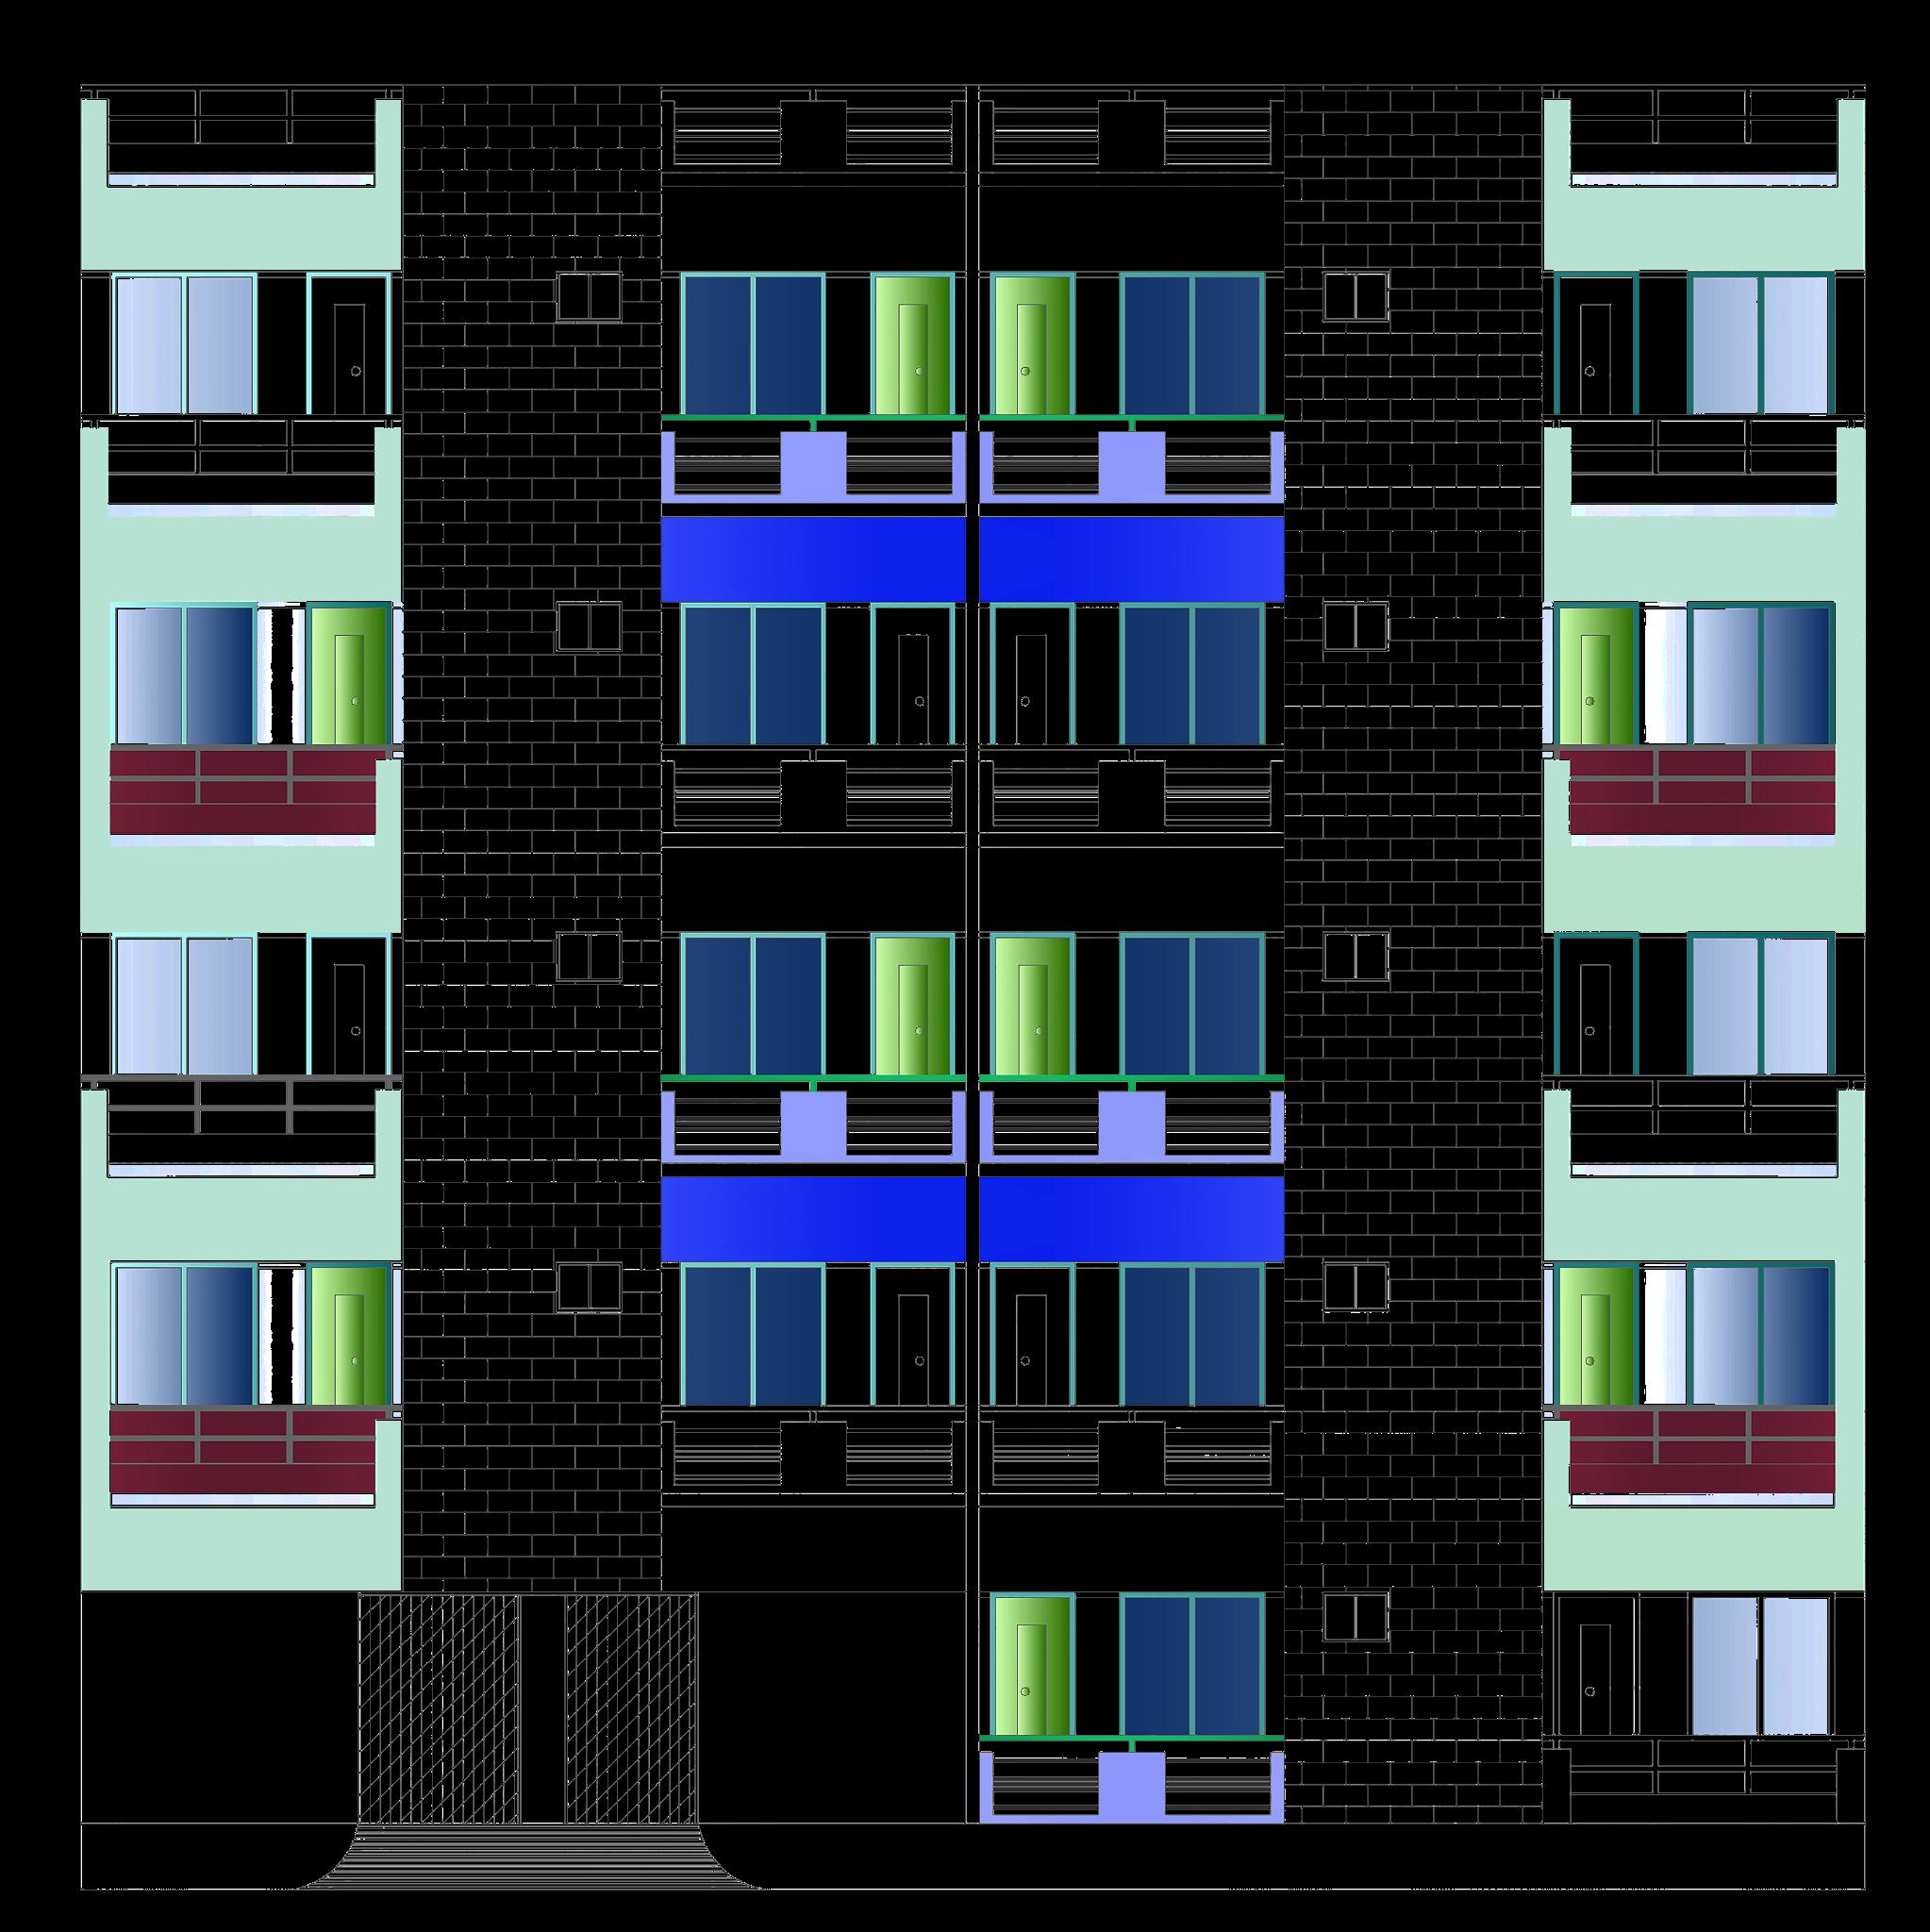 Front elevation of floor plan